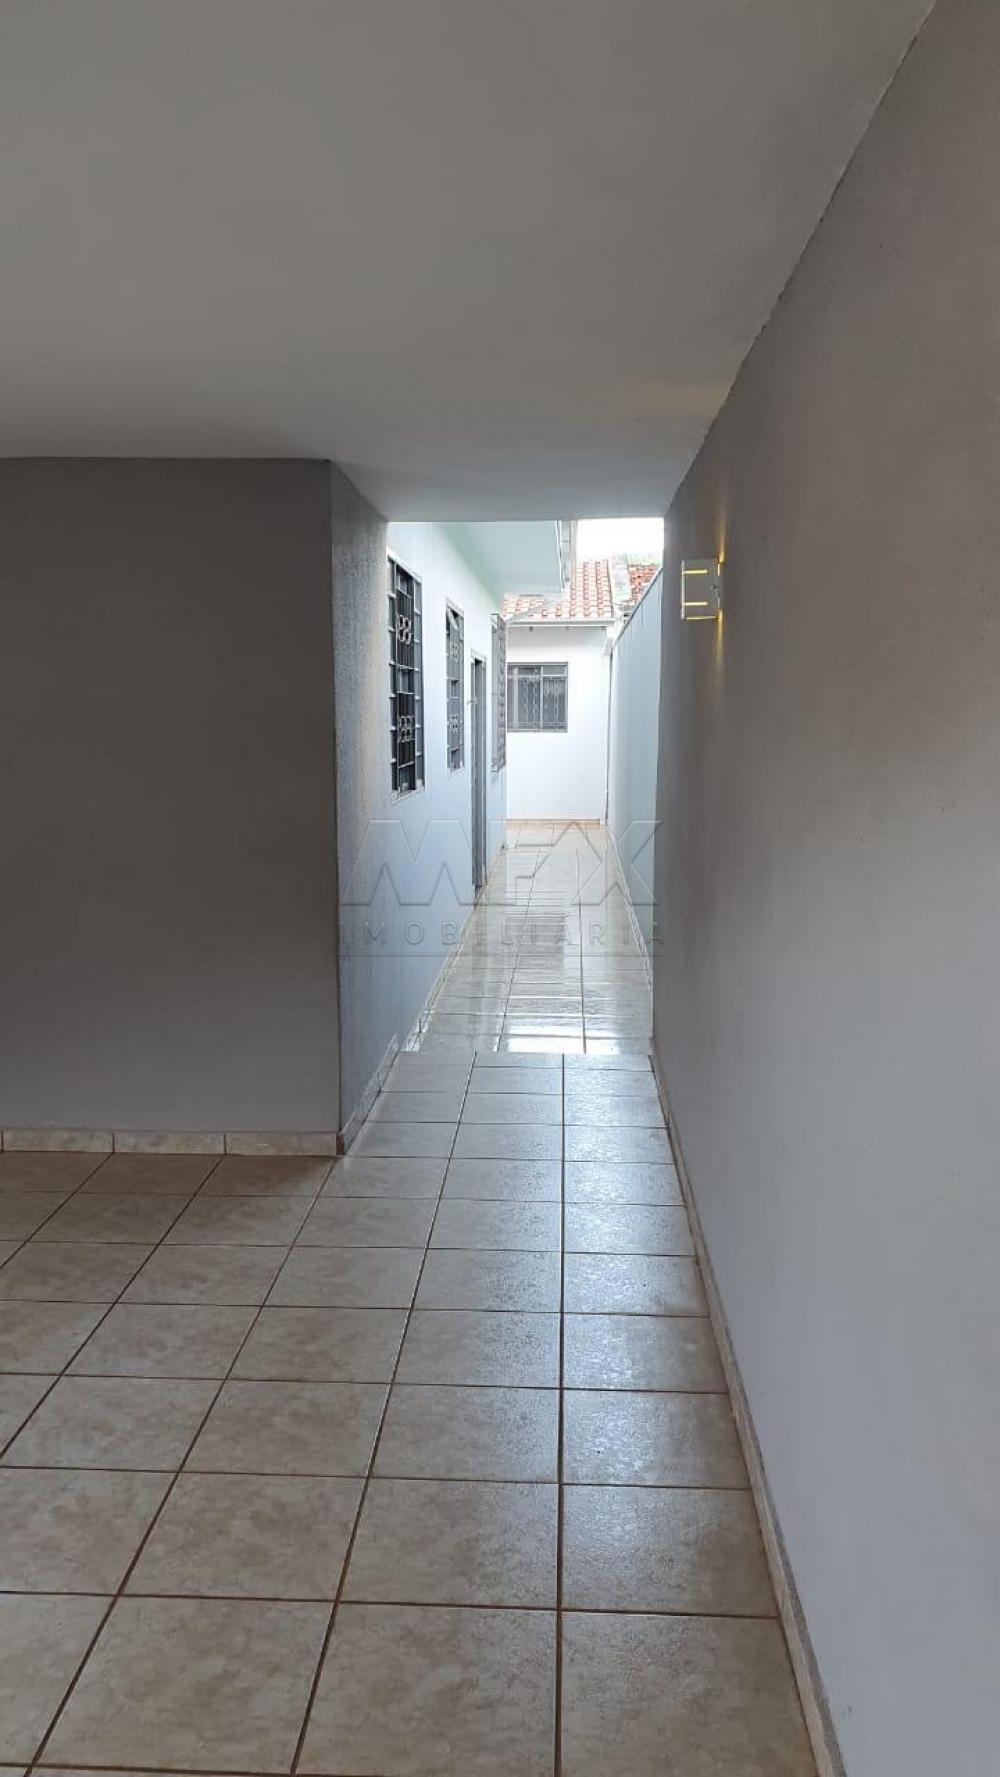 Comprar Casa / Padrão em Bauru R$ 630.000,00 - Foto 4